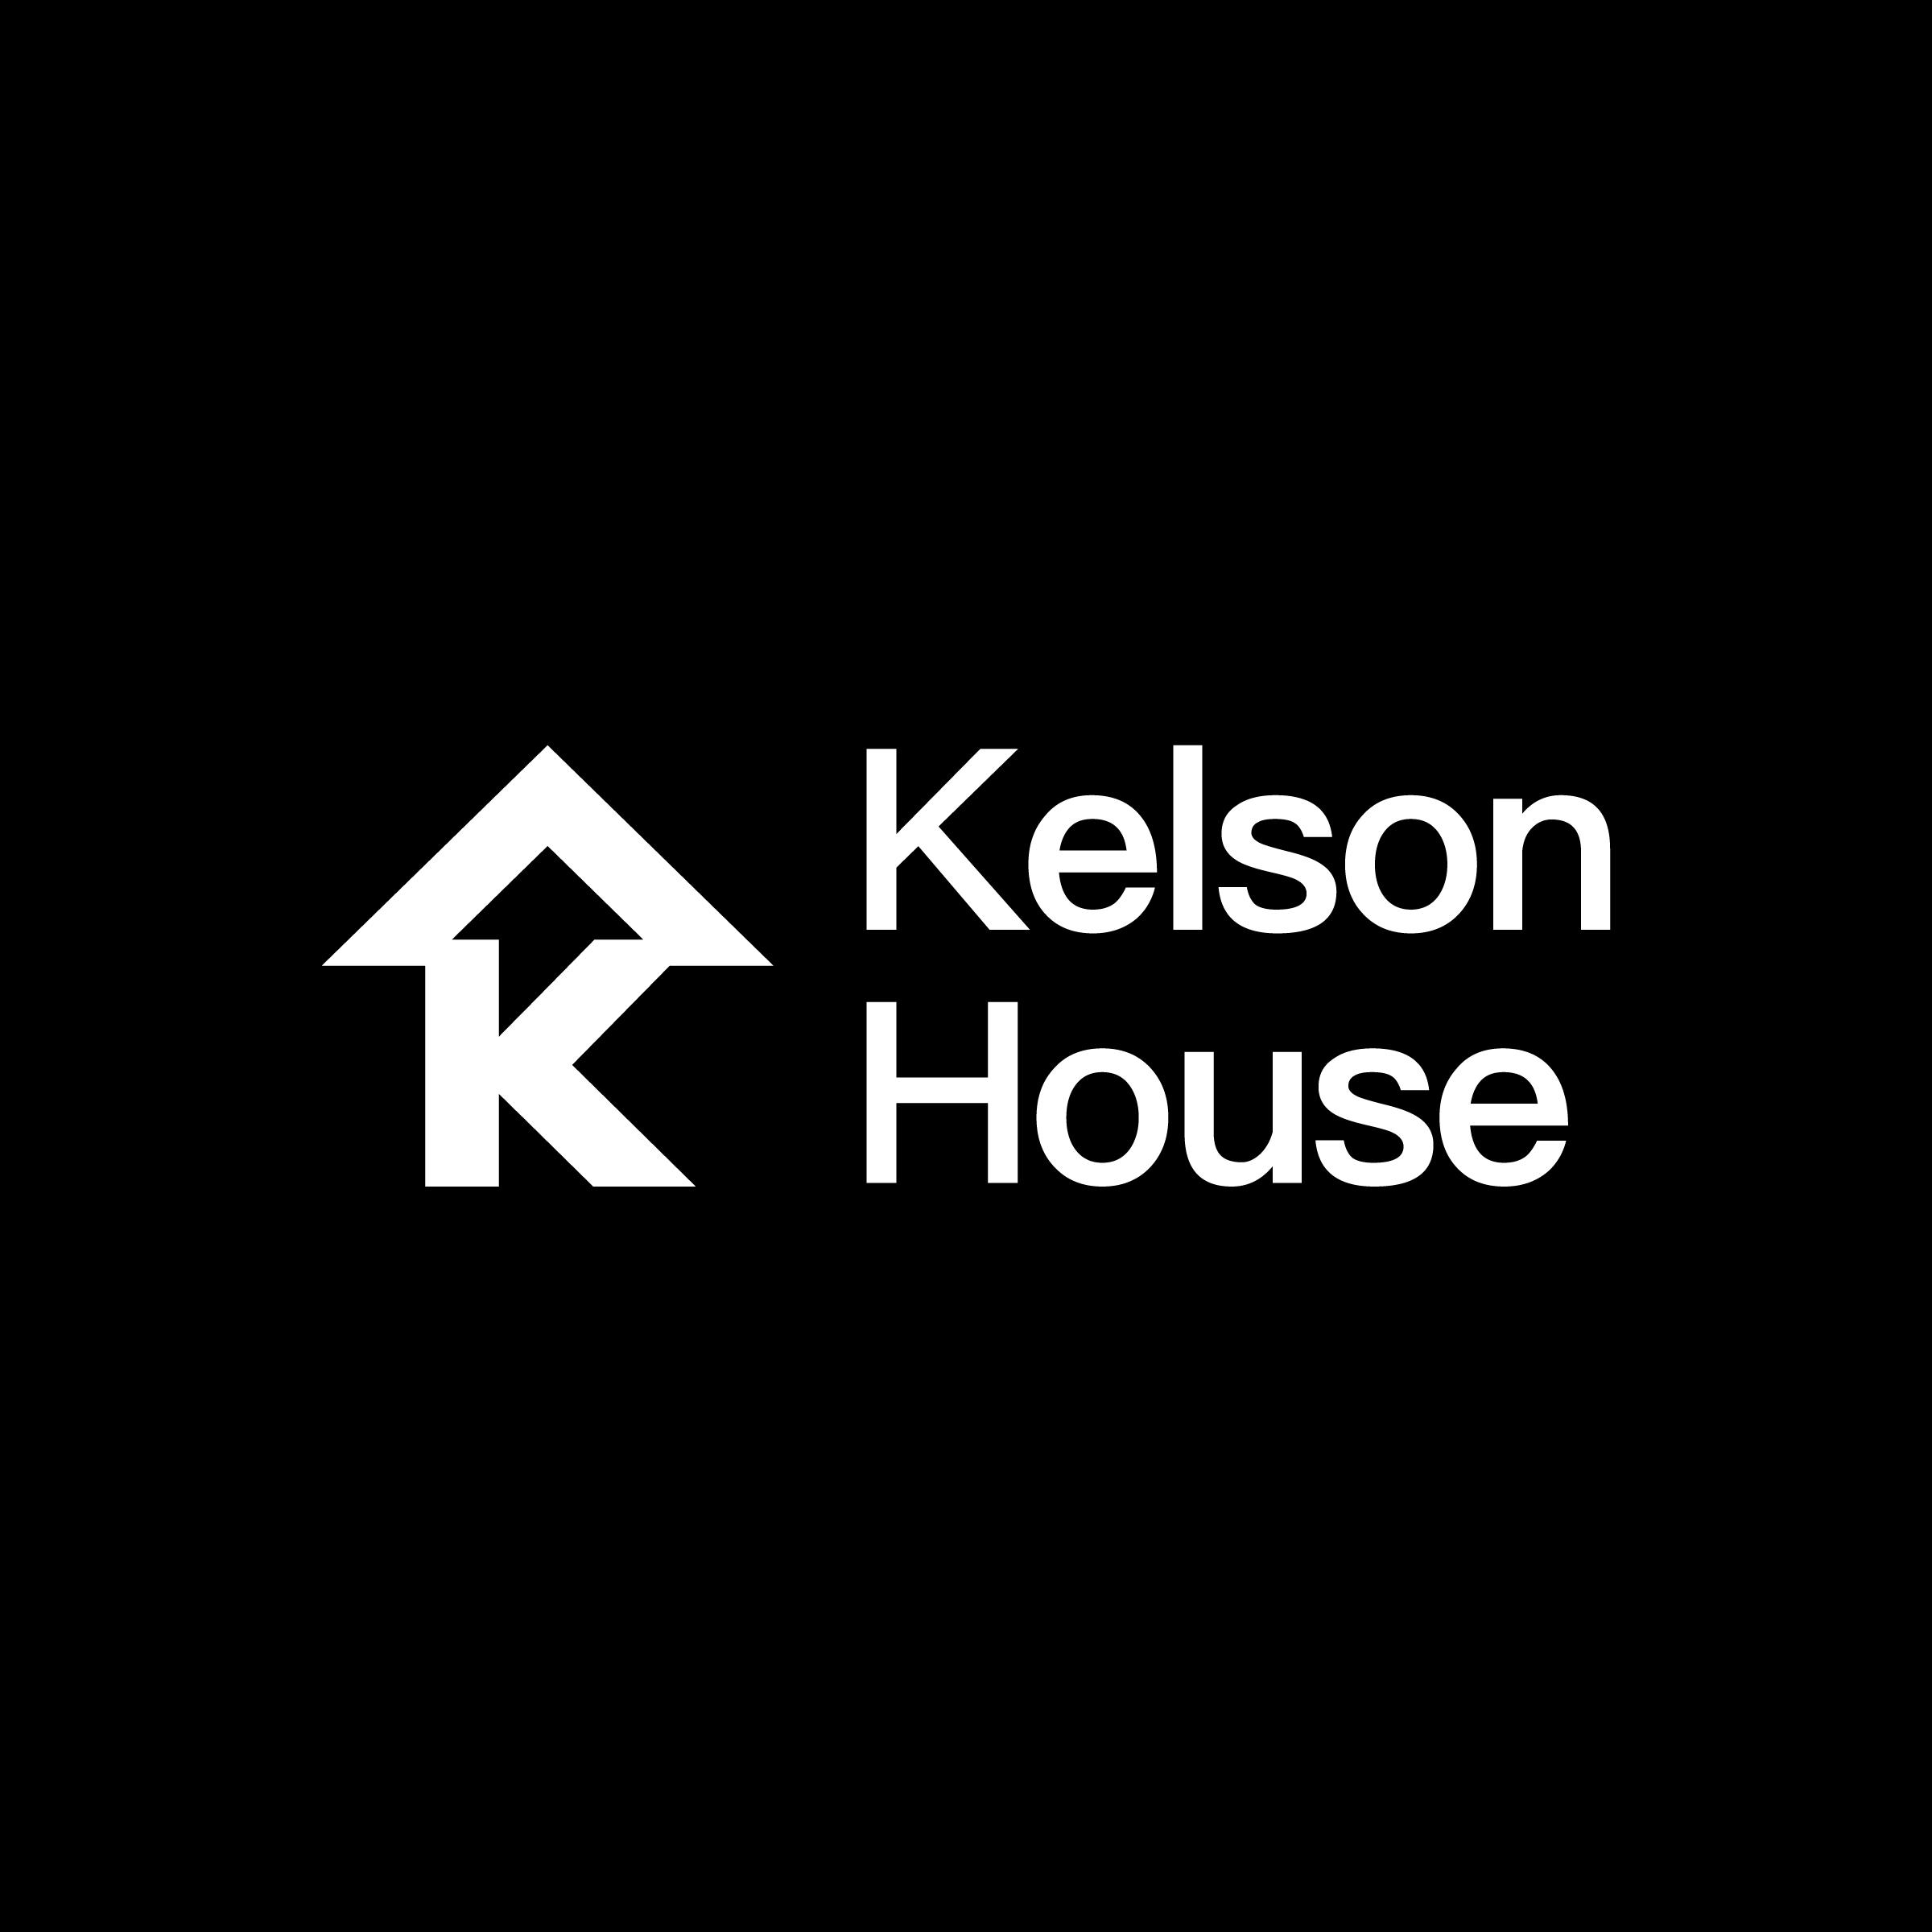 KelsonHouse_BrandBook-08